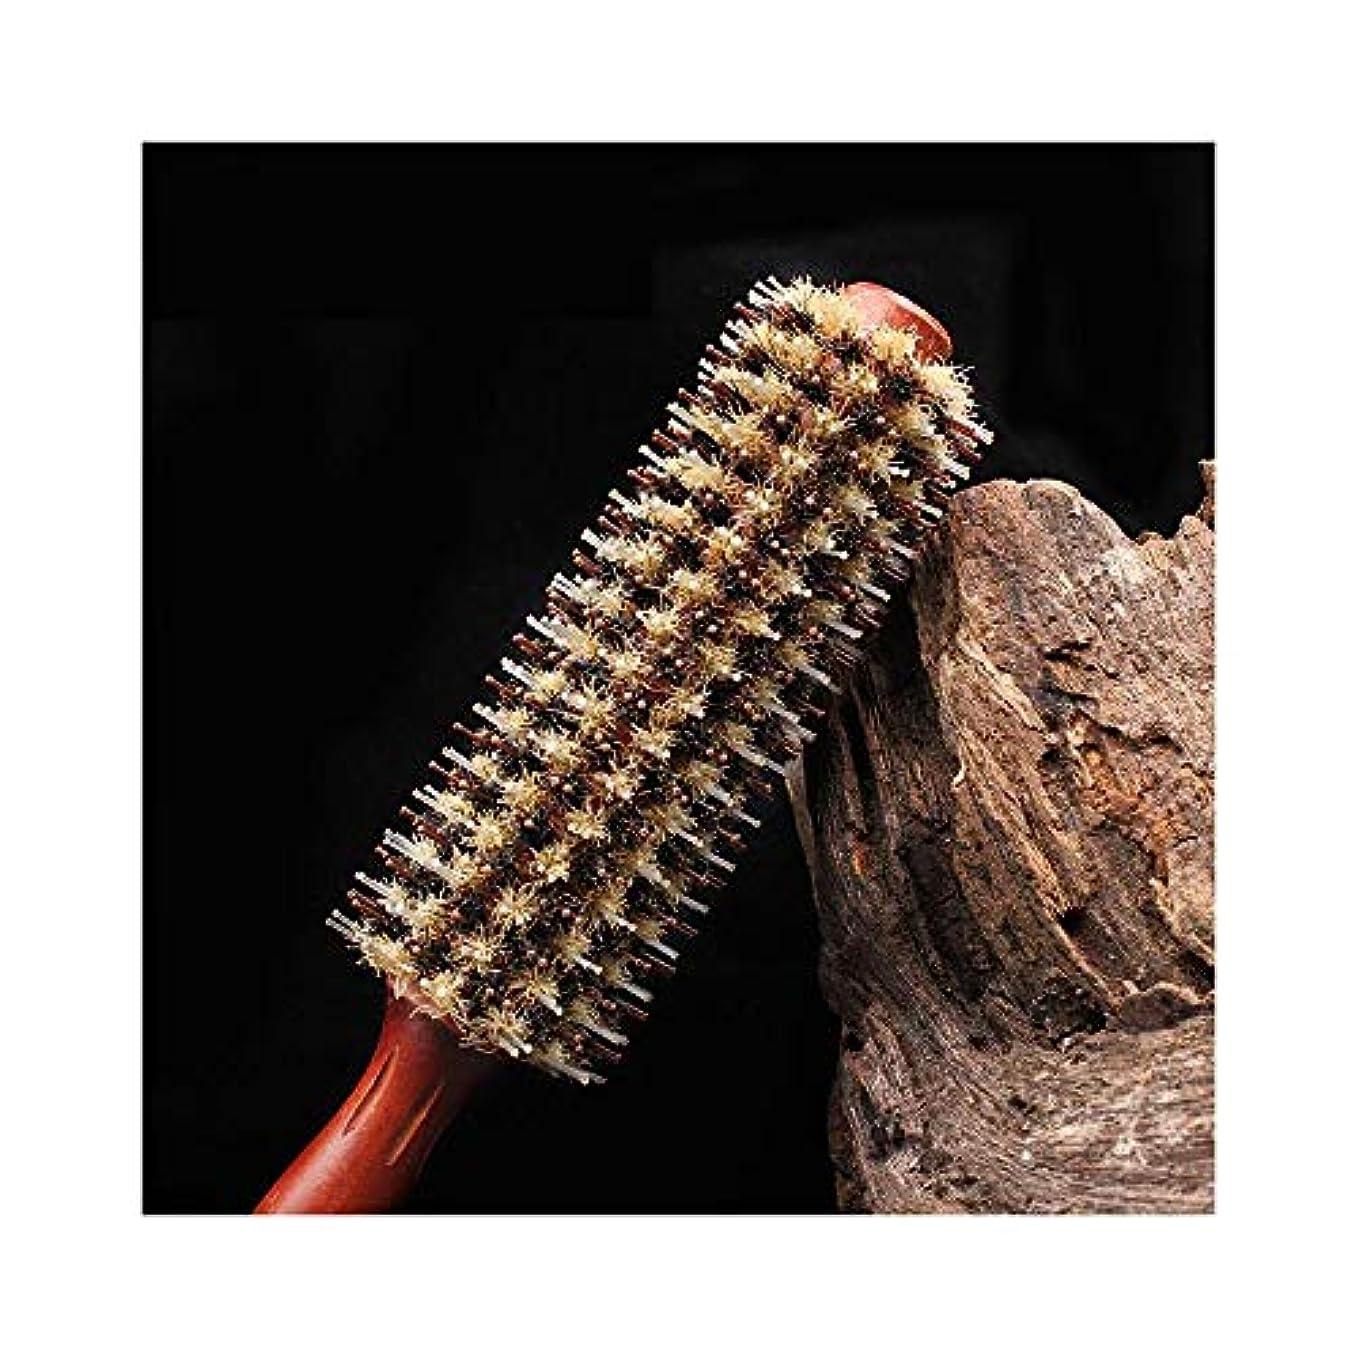 セットアップスロープ調整可能すべての髪のウッドナチュラルイノシシ剛毛ヘアコームについてはFashian木製ラウンドヘアブラシ ヘアケア (サイズ : 20 rows)